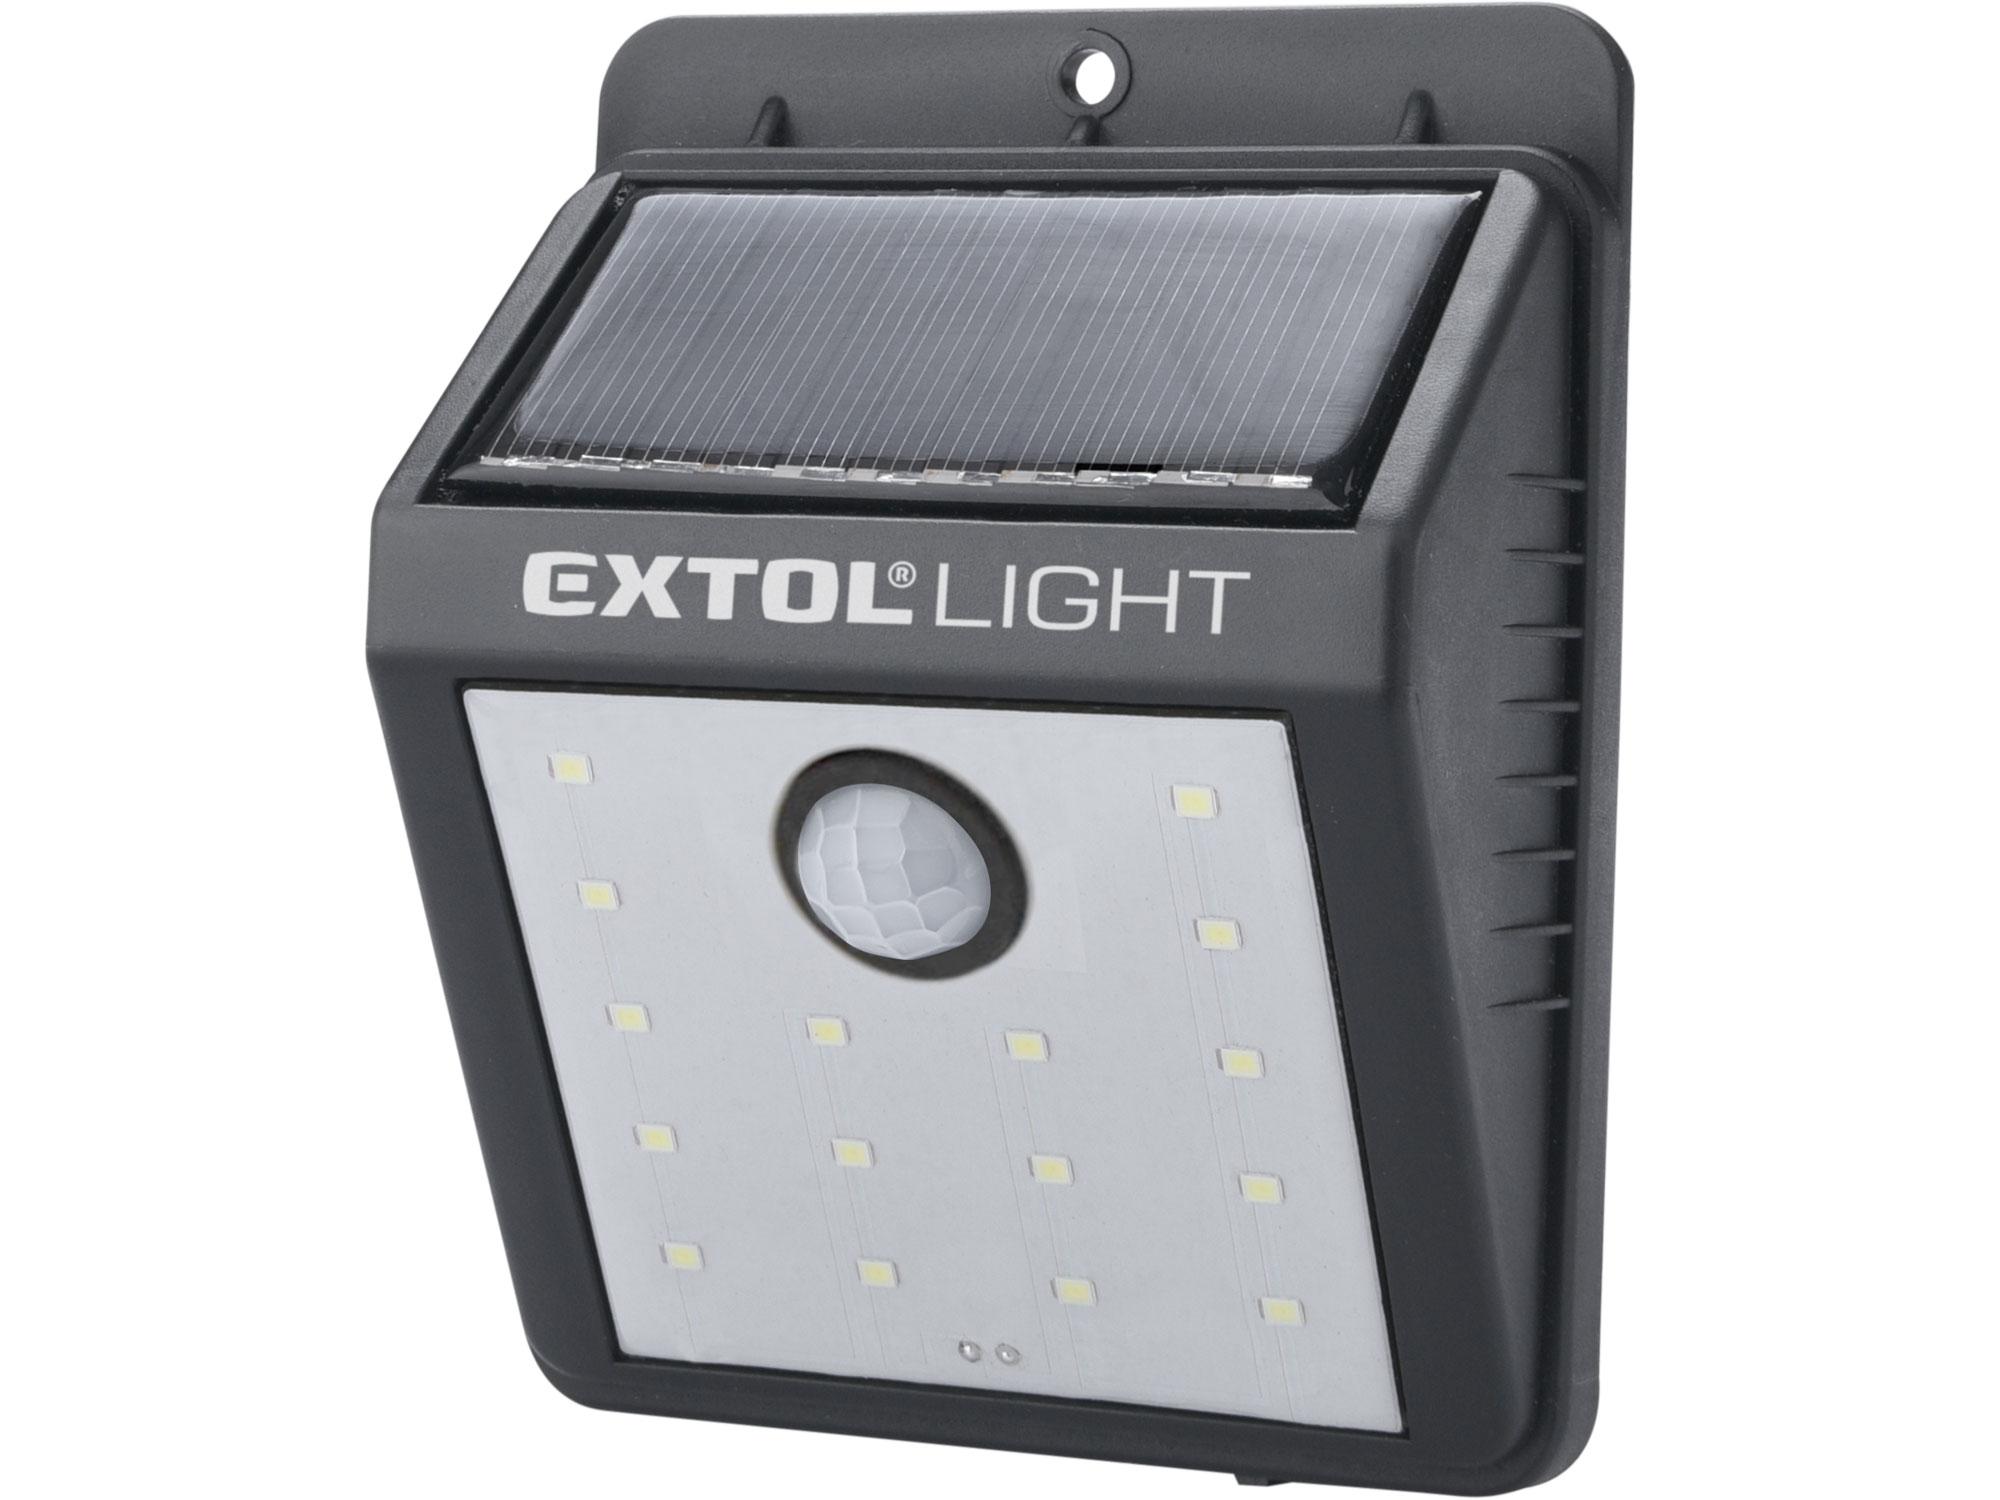 světlo nástěnné s pohybovým čidlem, 120lm, solární nabíjení, EXTOL LIGHT 43130